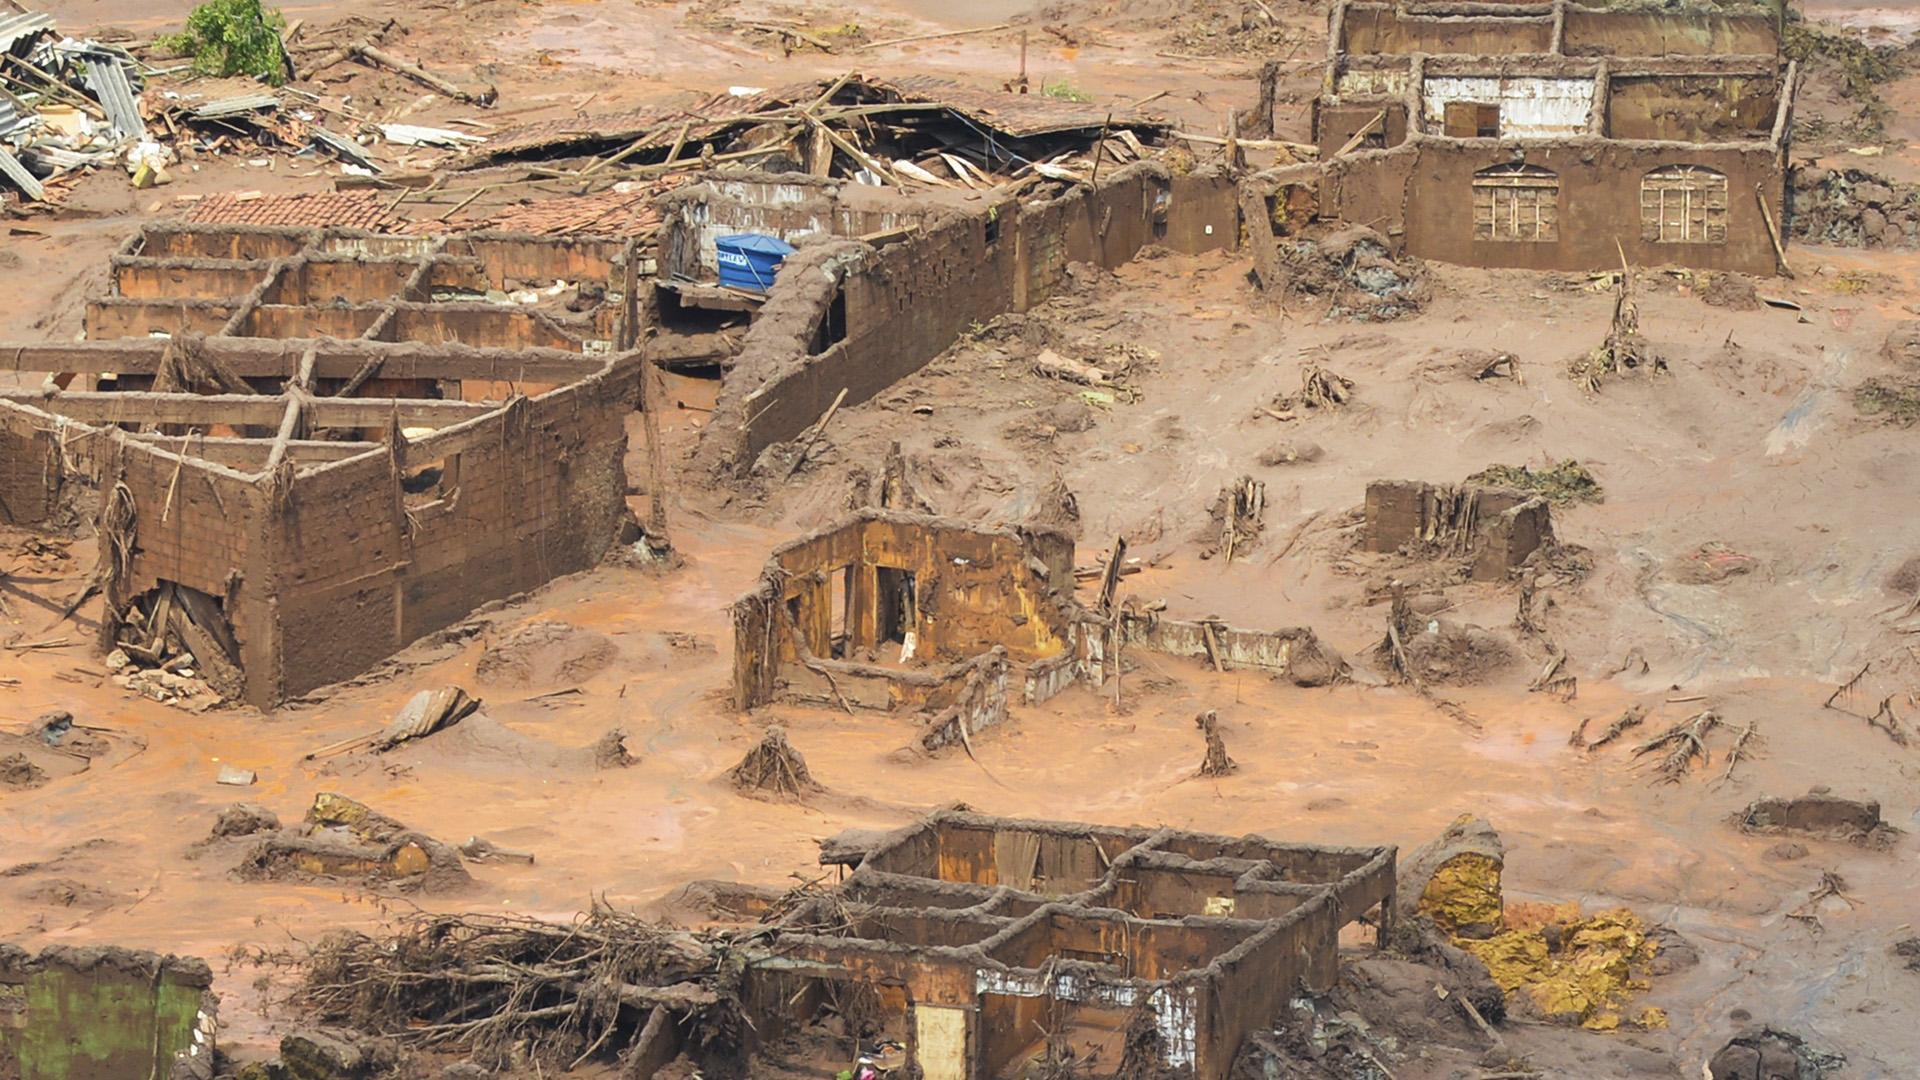 Distrito de Bento Ribeiro, em Mariana, destruído pelo rompimento de barragens de mineração / Foto: Domínio Público